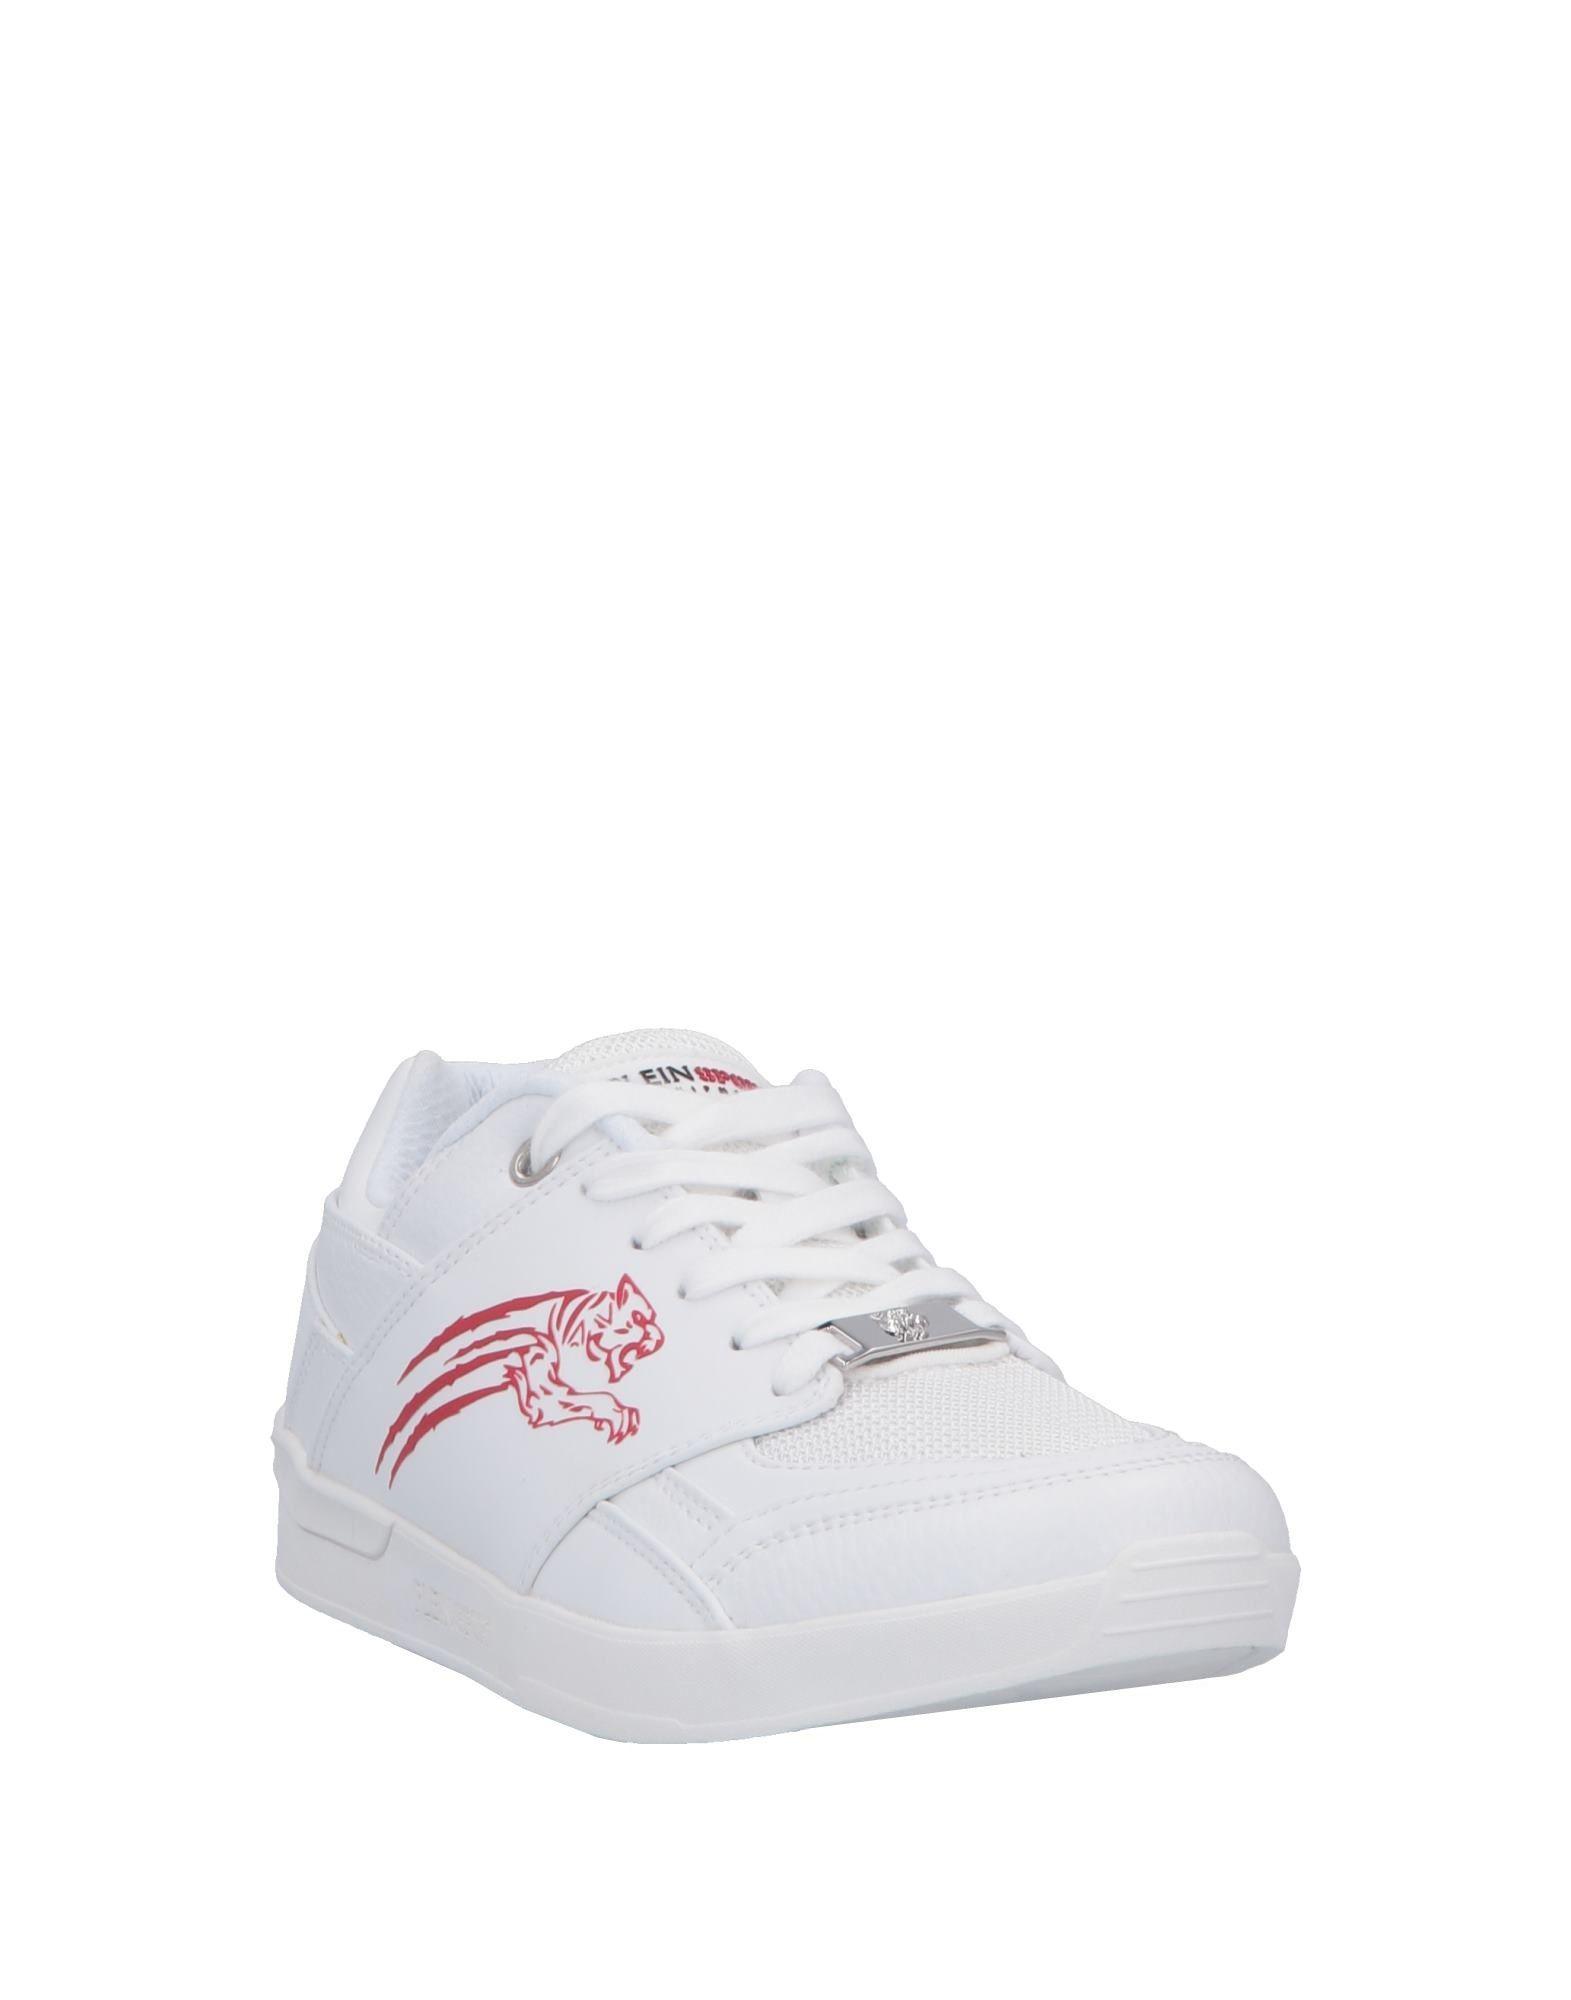 Sneakers & Tennis basses Philipp Plein pour homme en coloris Blanc bZo0